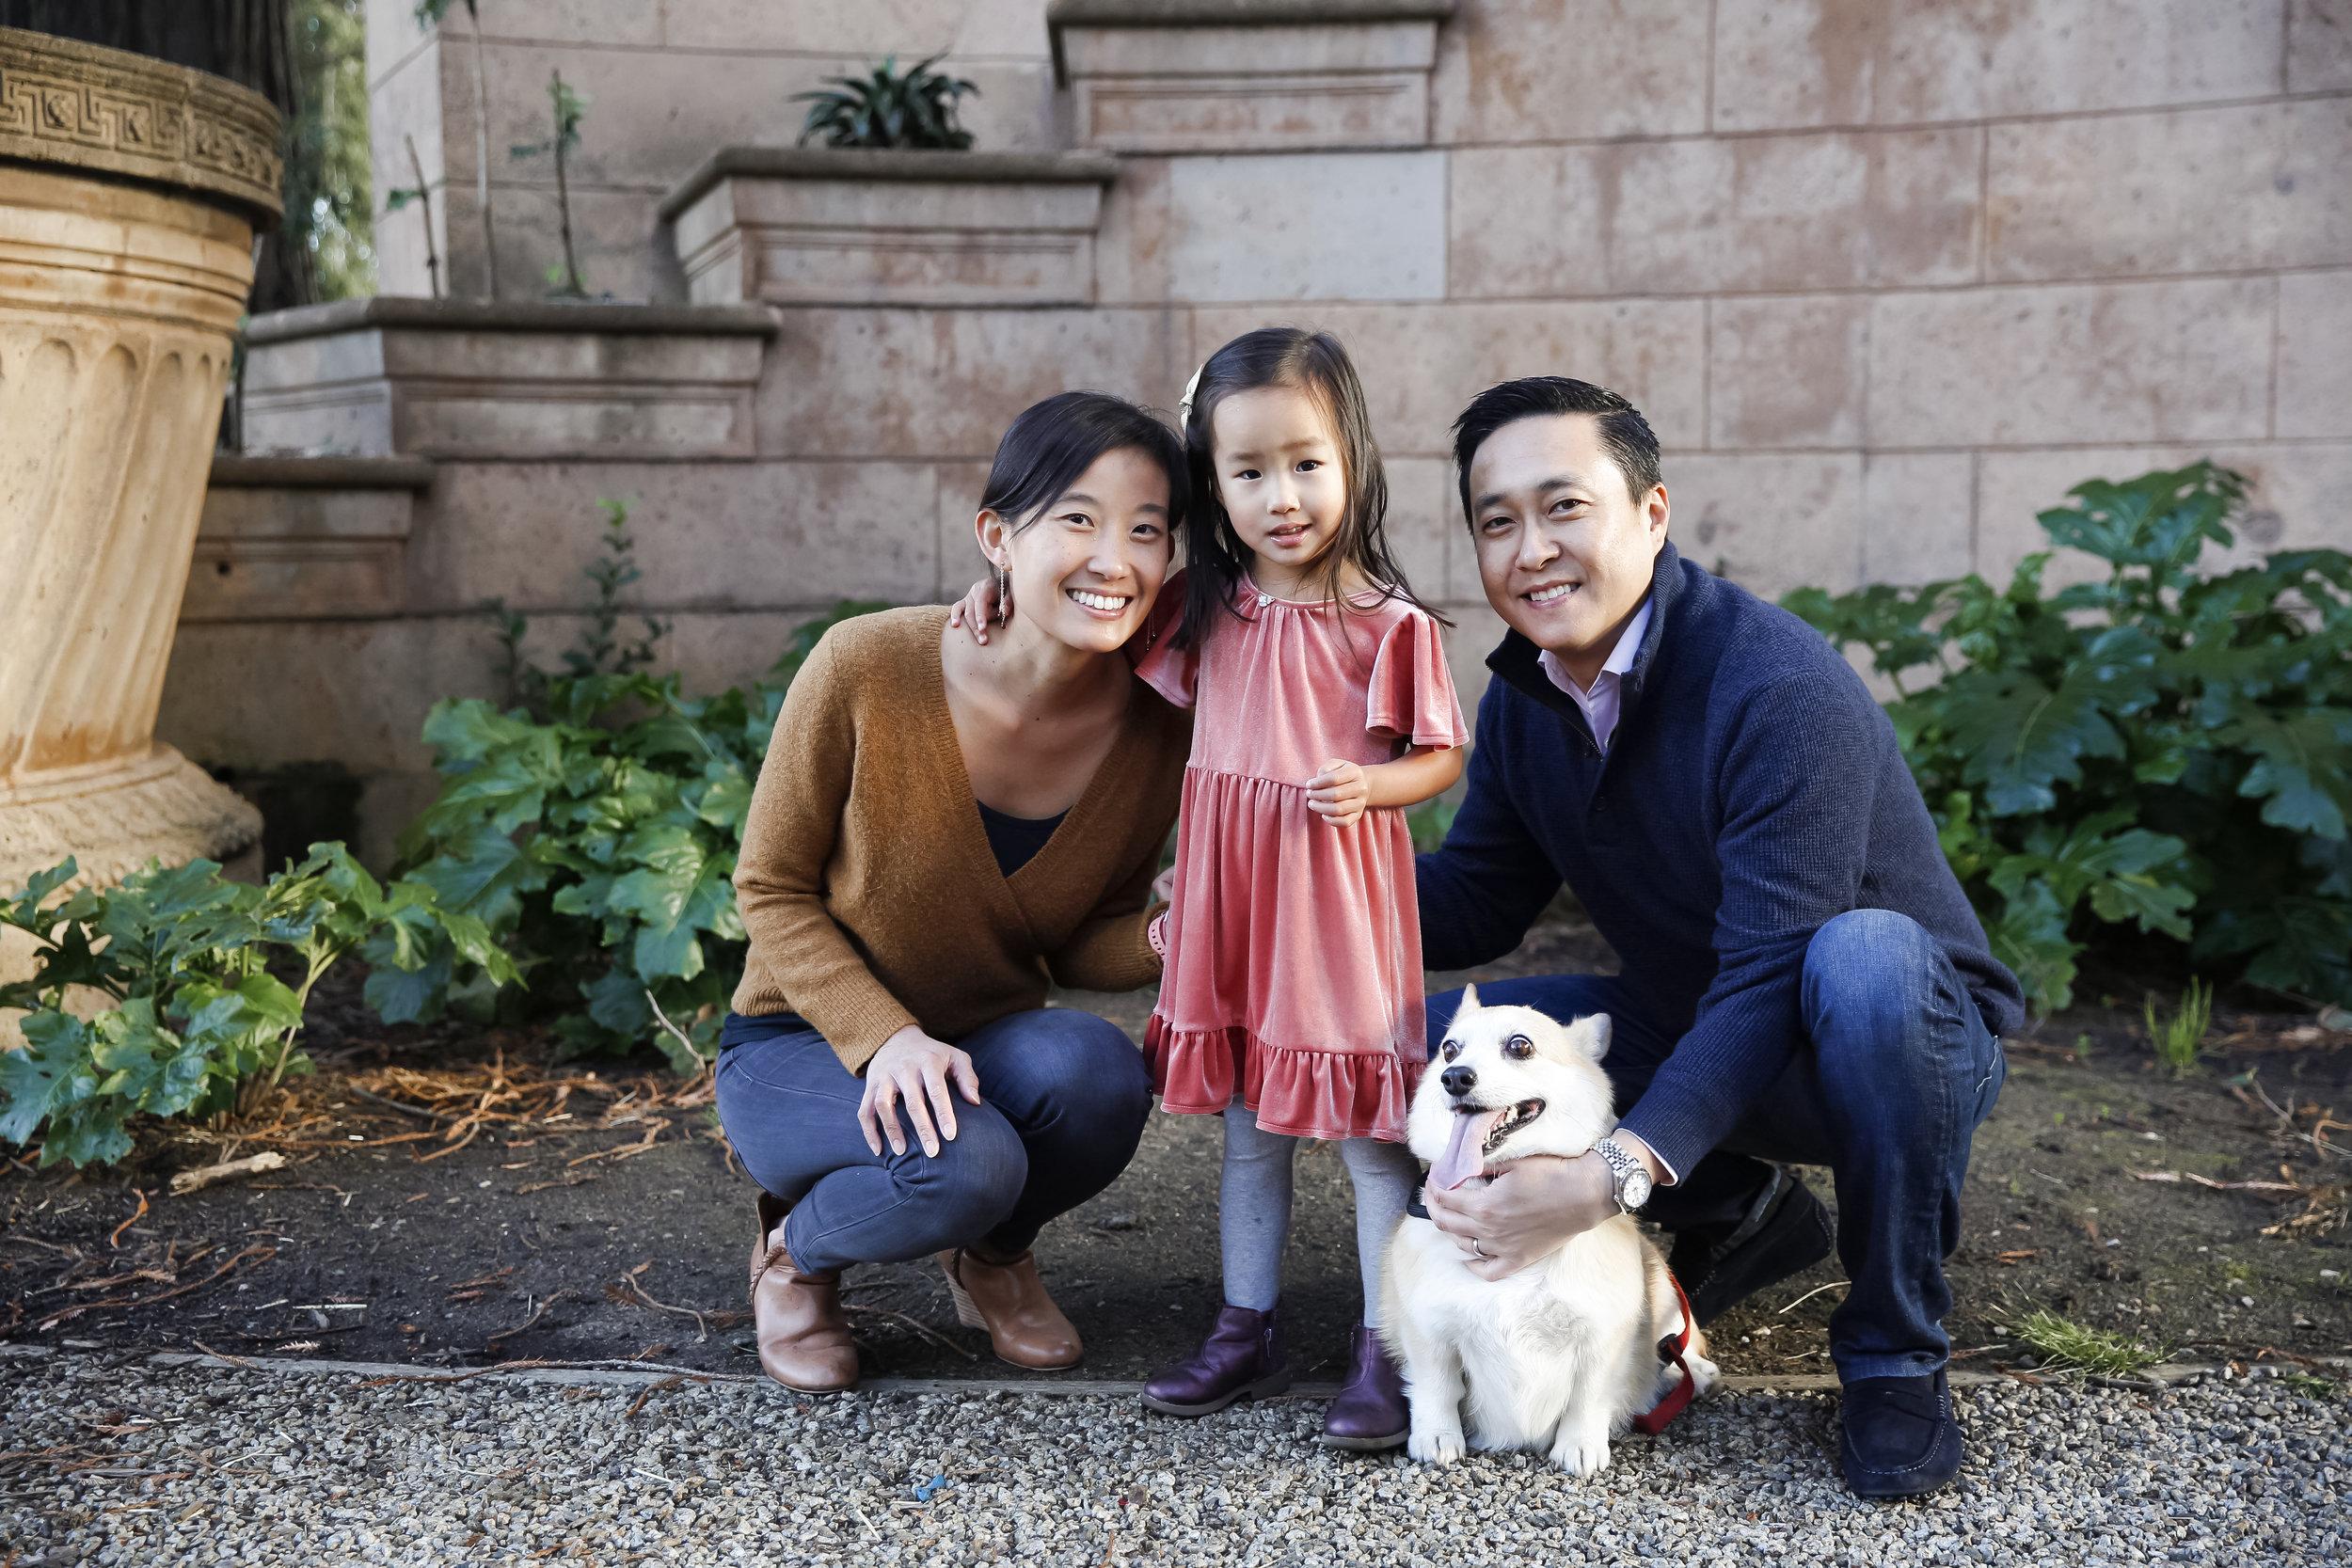 linfamily-ahp-00002.jpg